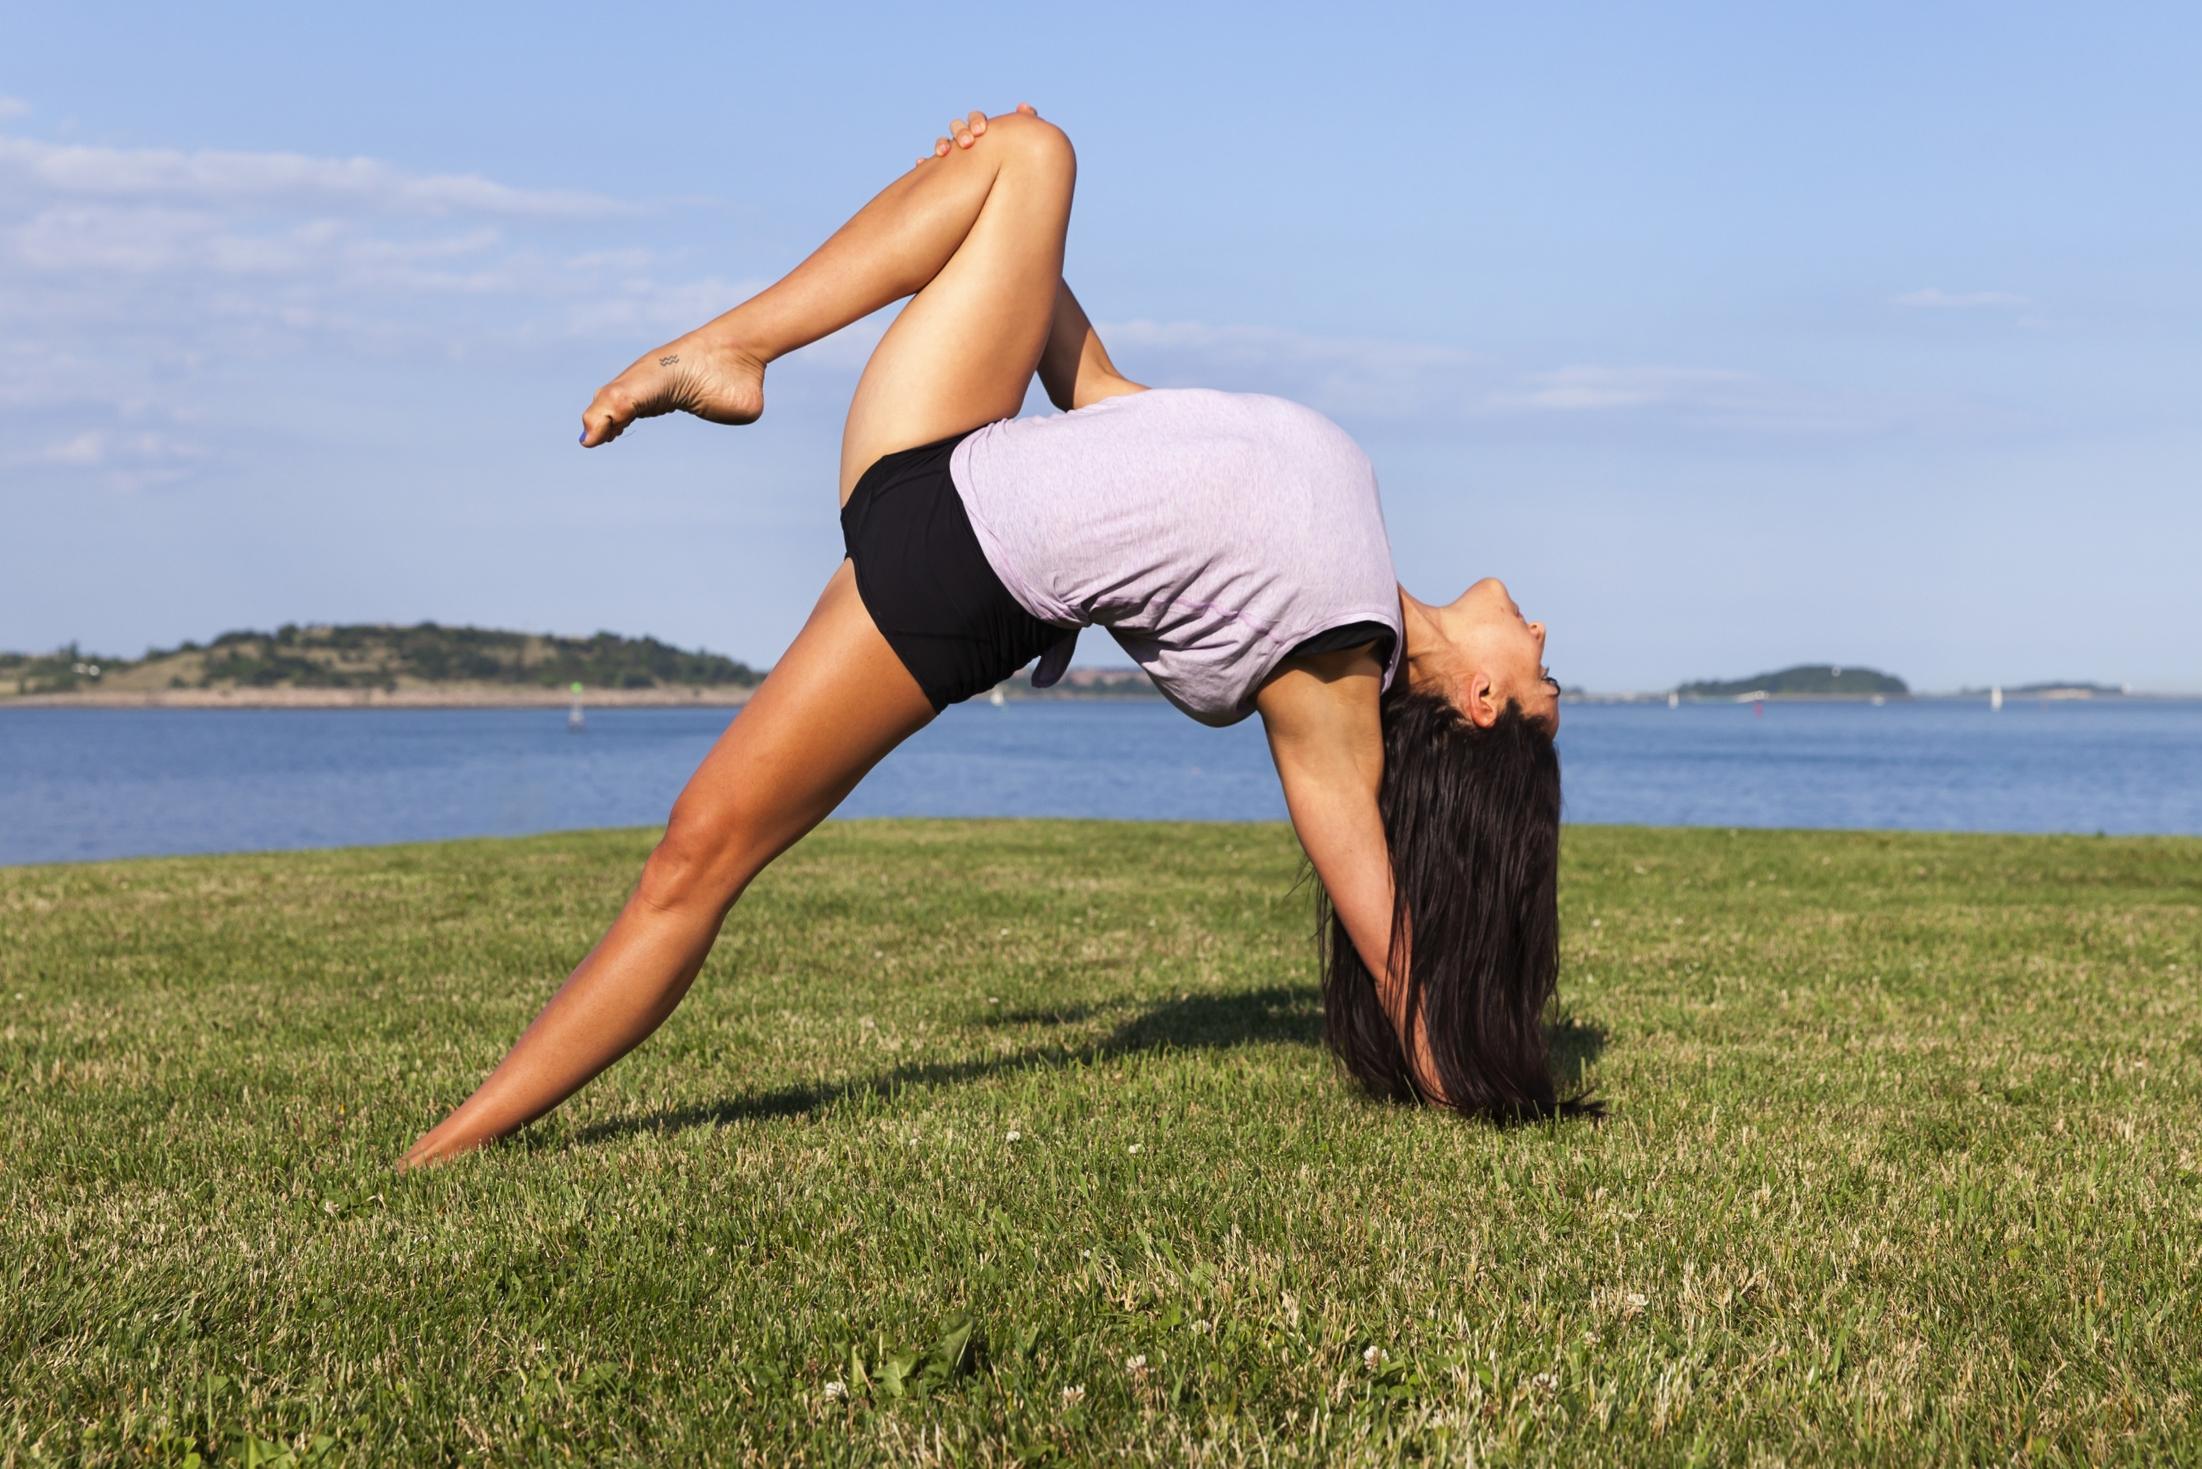 erica-bornstein-dance-yoga-boston